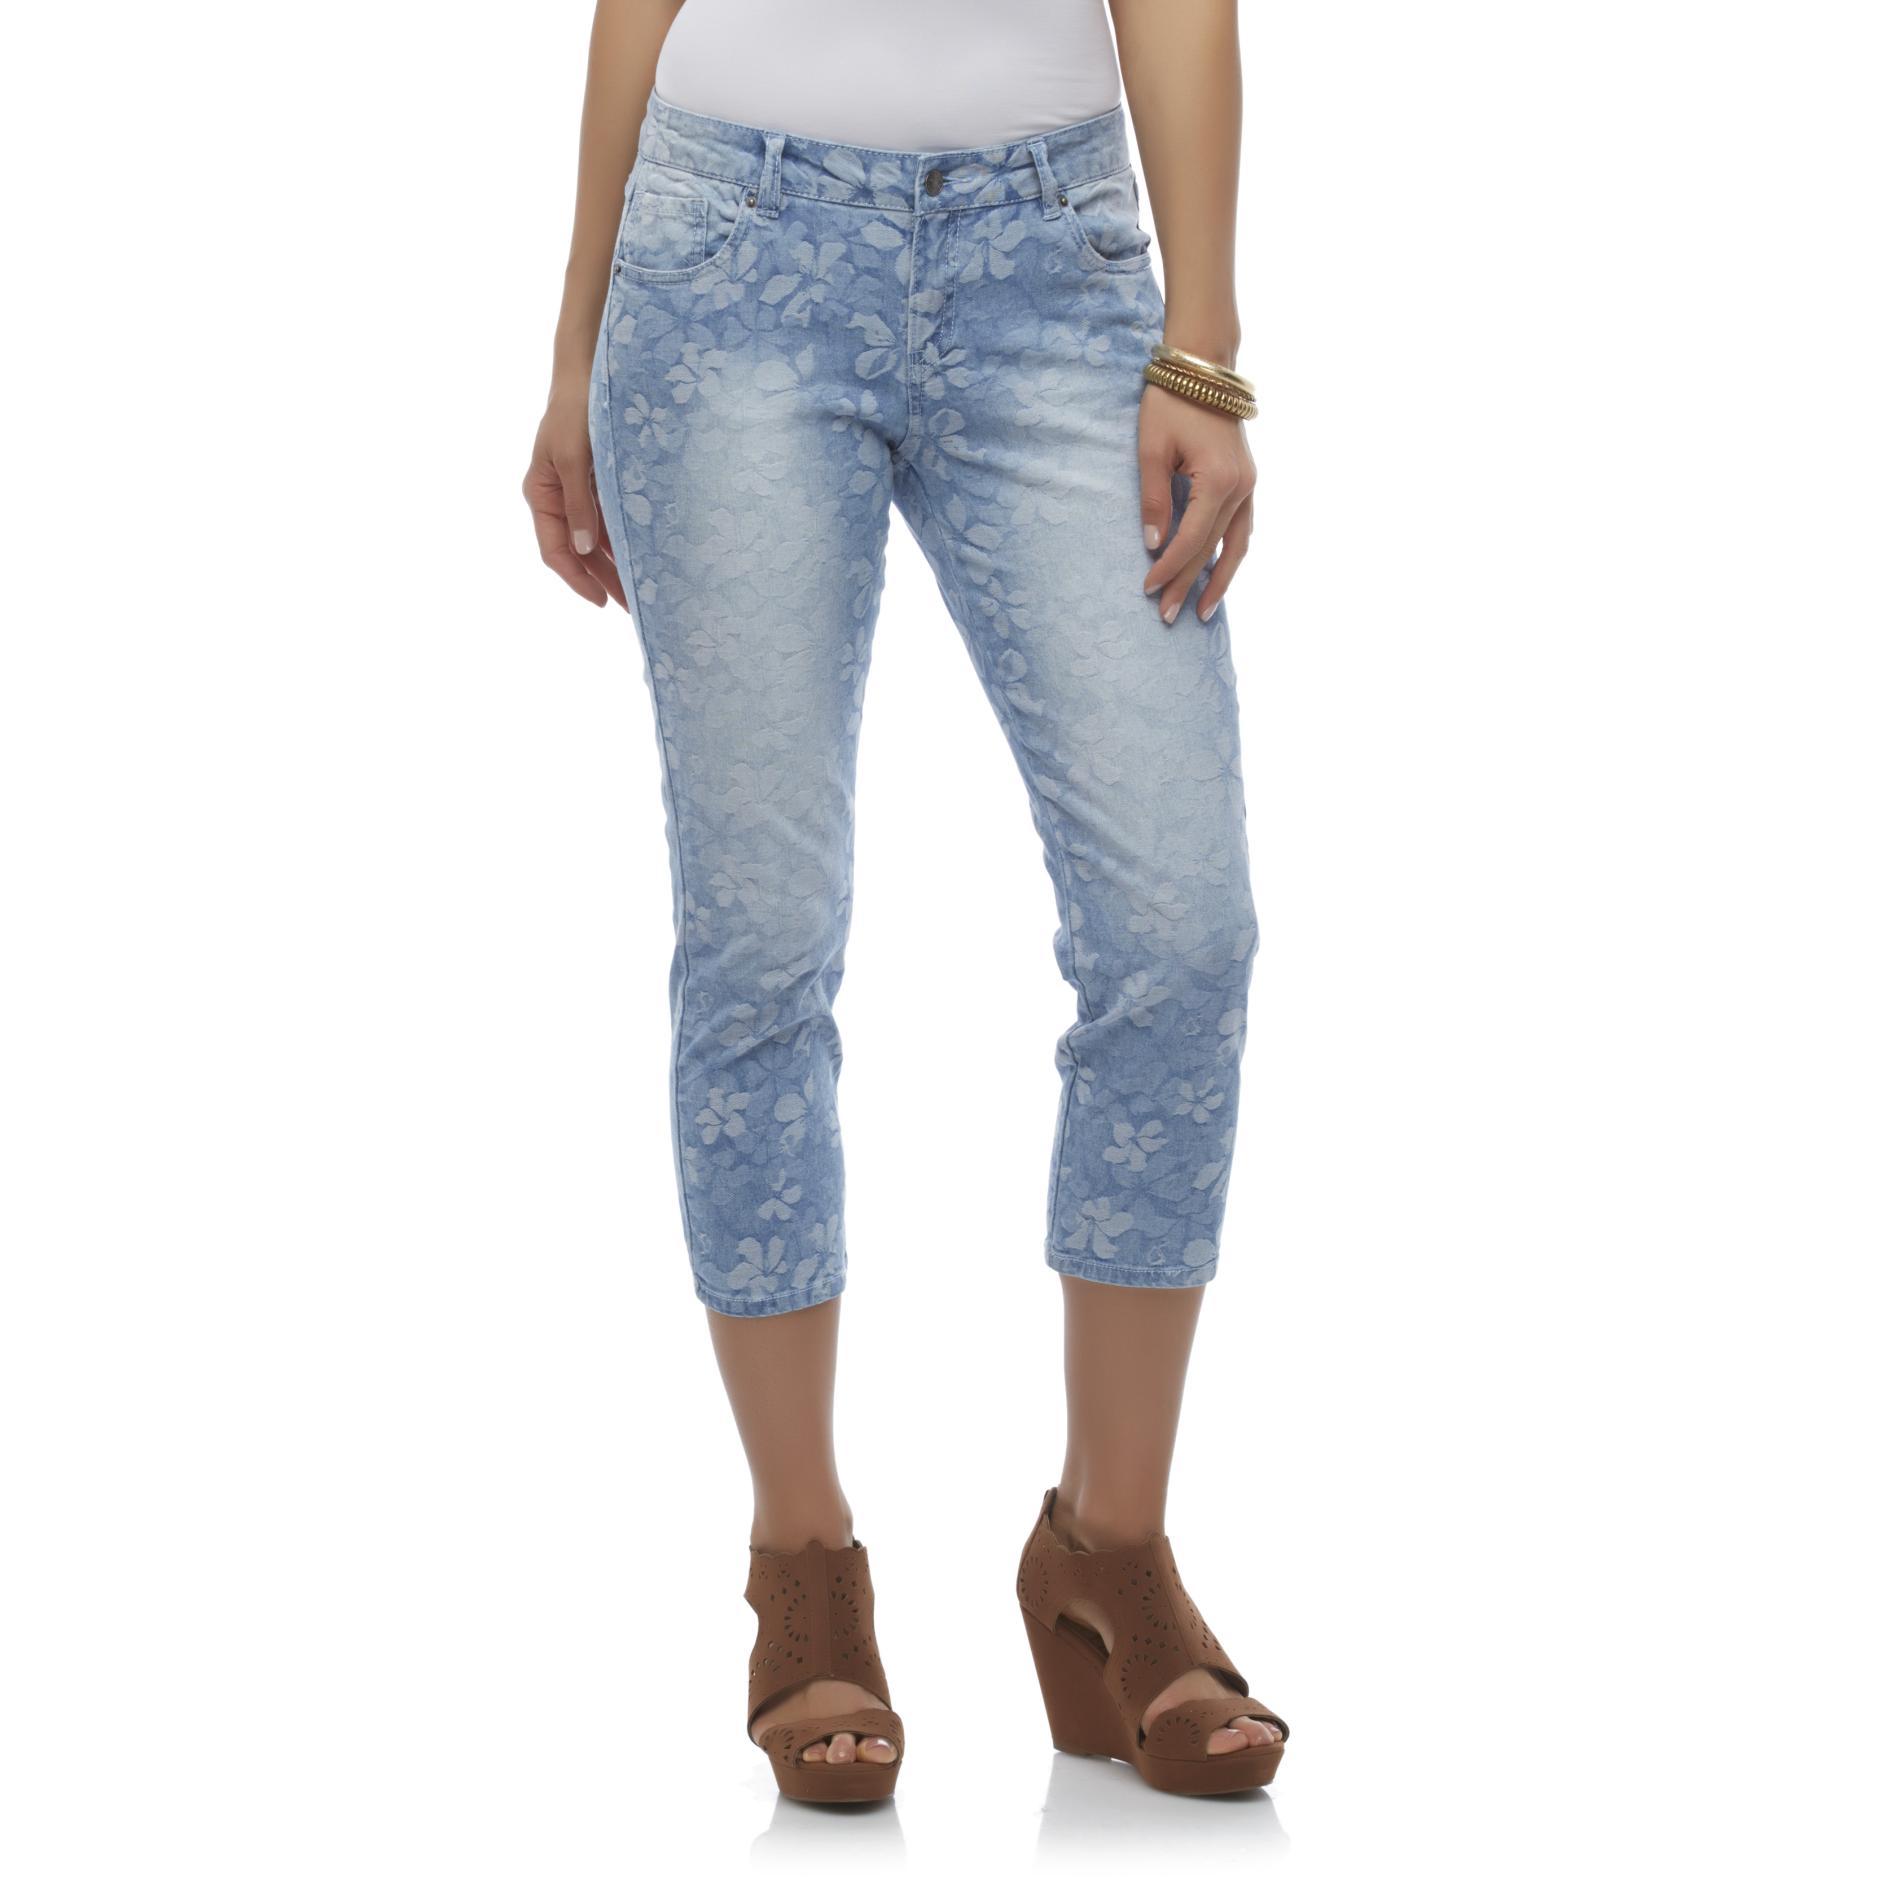 Canyon River Bl... Gloria Vanderbilt Capris Pants